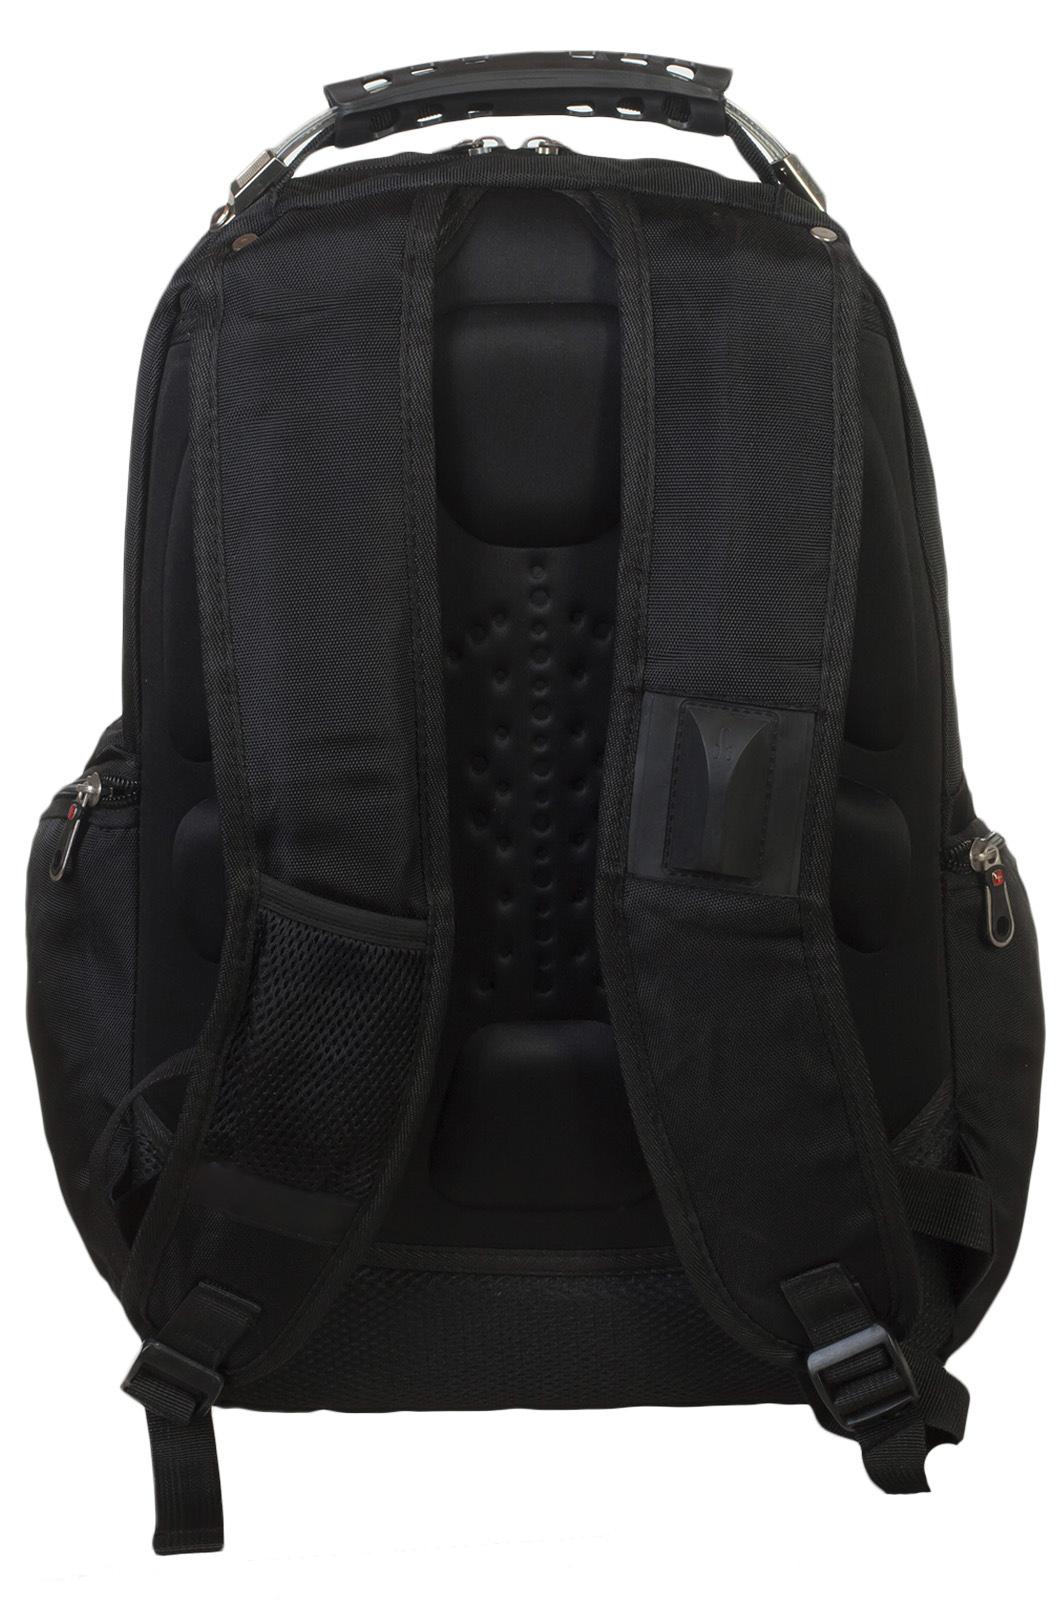 Надежный рюкзак с символикой ФССП заказать по демократичной цене